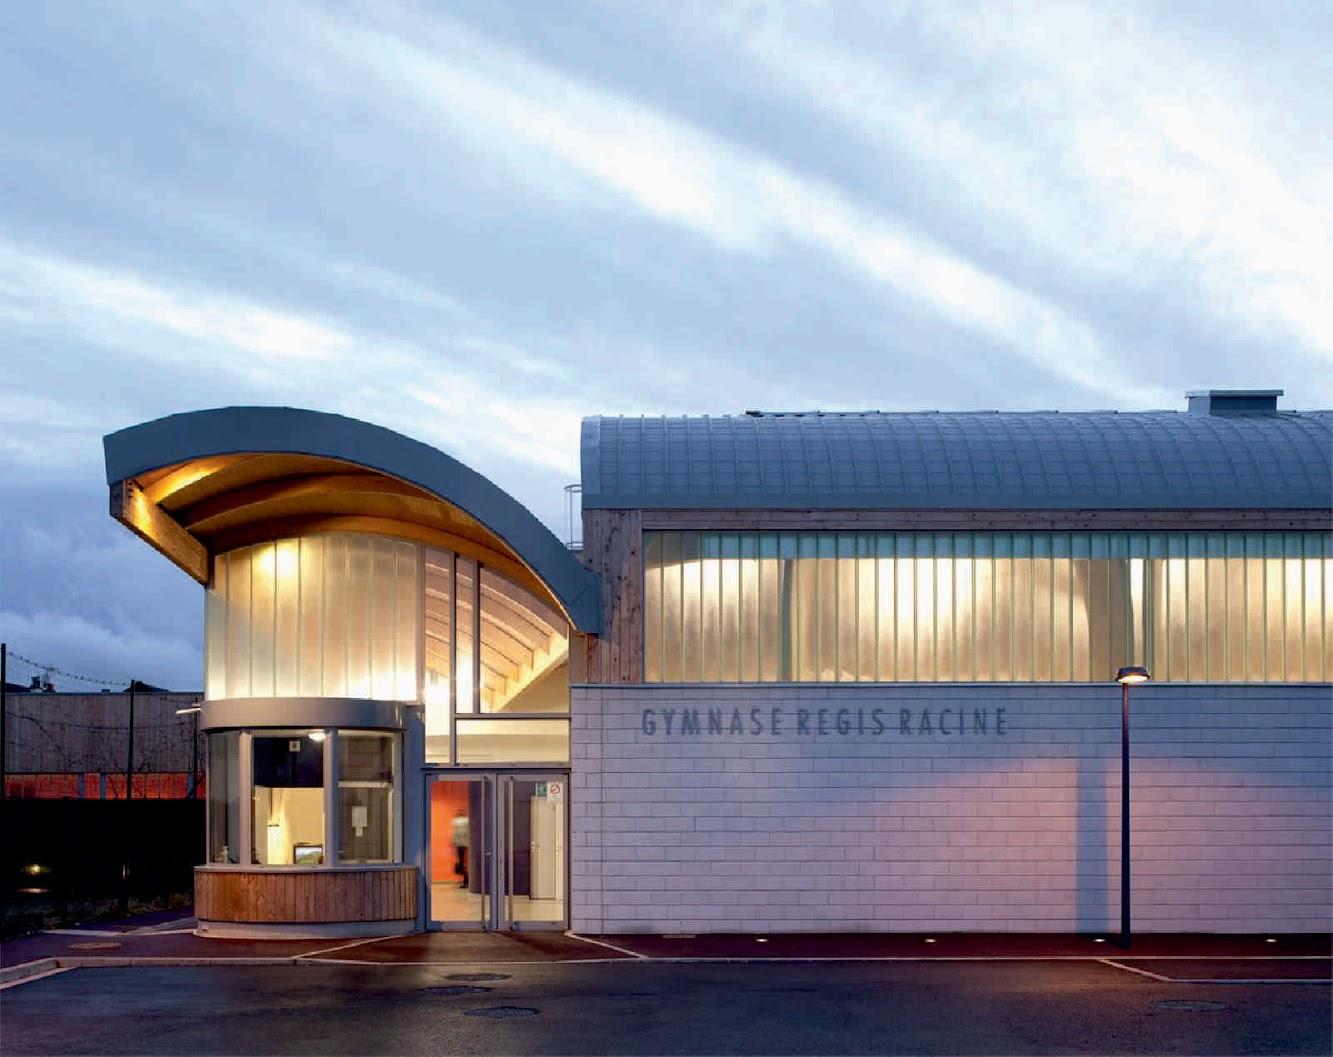 Atelier D Architecture Alexandre Dreyssé drancy, francia: gymnasium rÉgis racineatelier d